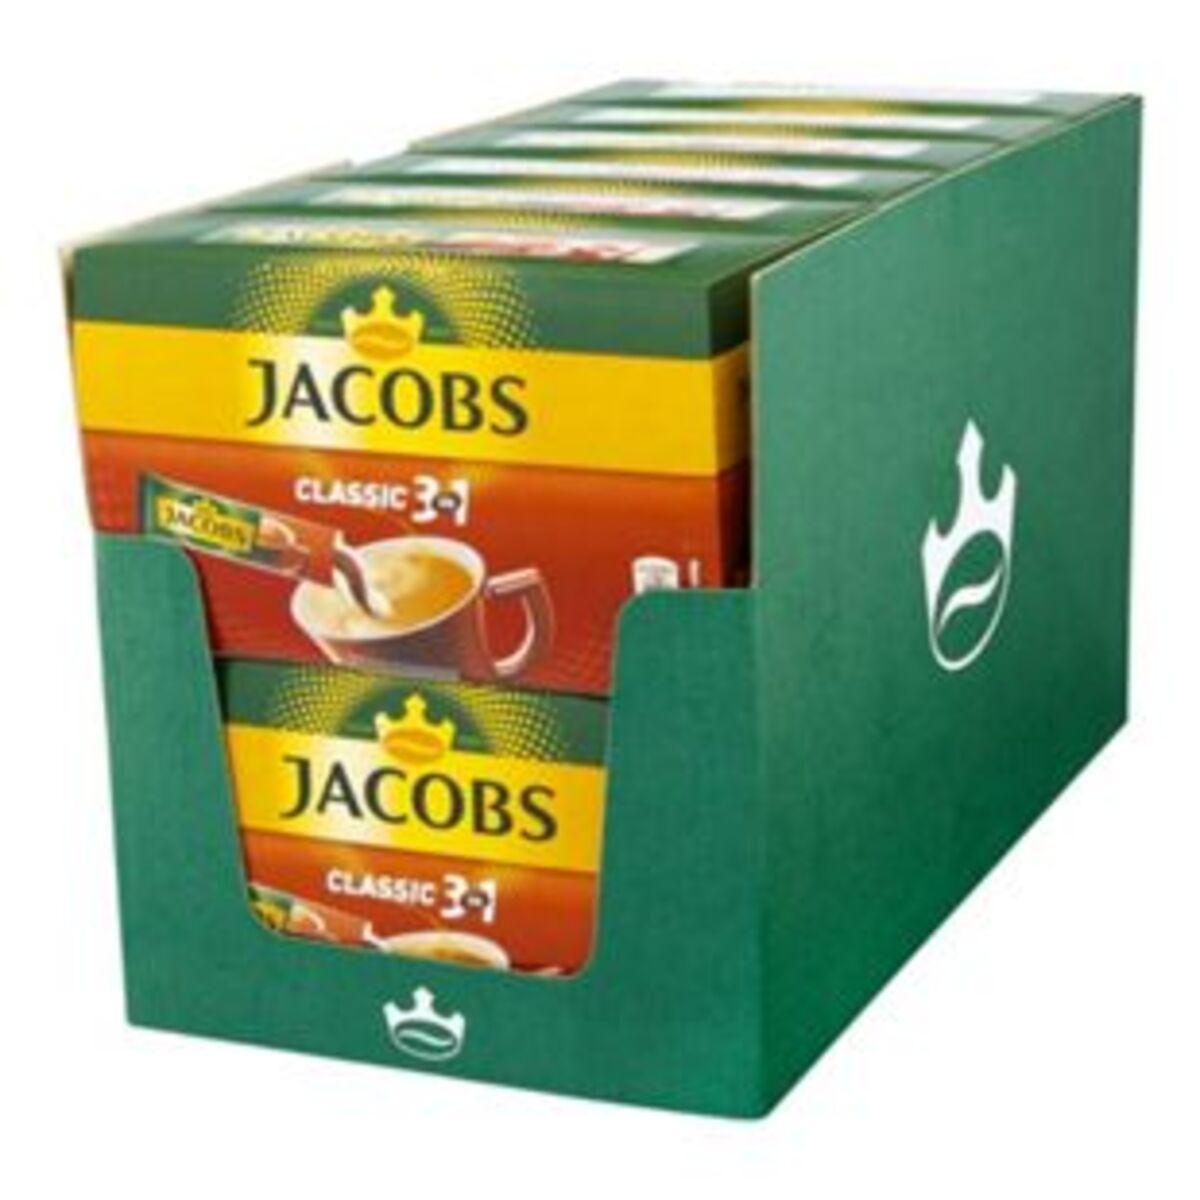 Bild 2 von Jacobs Kaffeesticks 3in1 180 g, 12er Pack